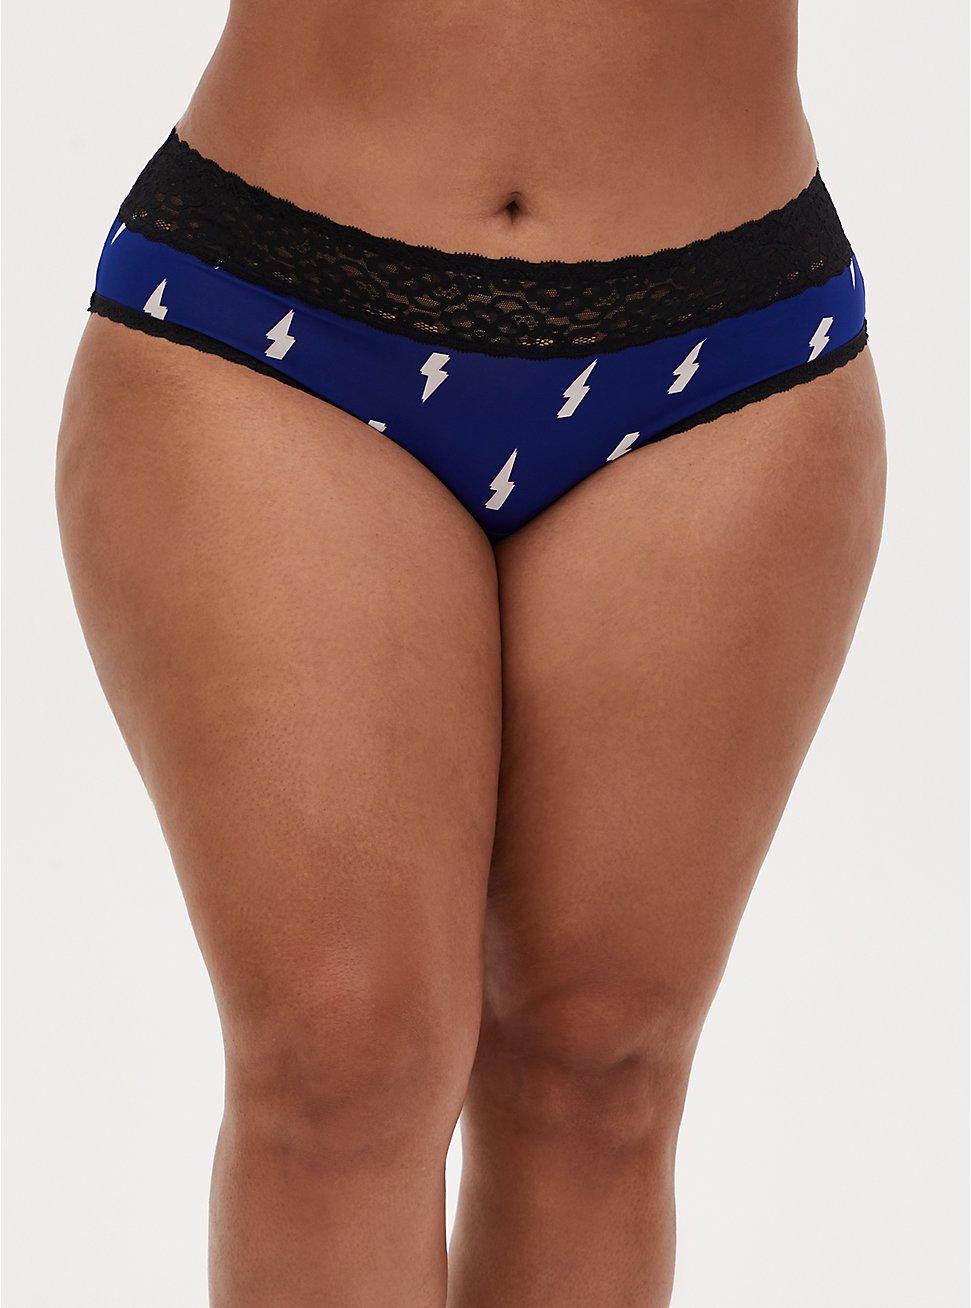 Navy Lightning Bolt & Black Second Skin Hipster Panty, DEEP WATERS BLUE, hi-res